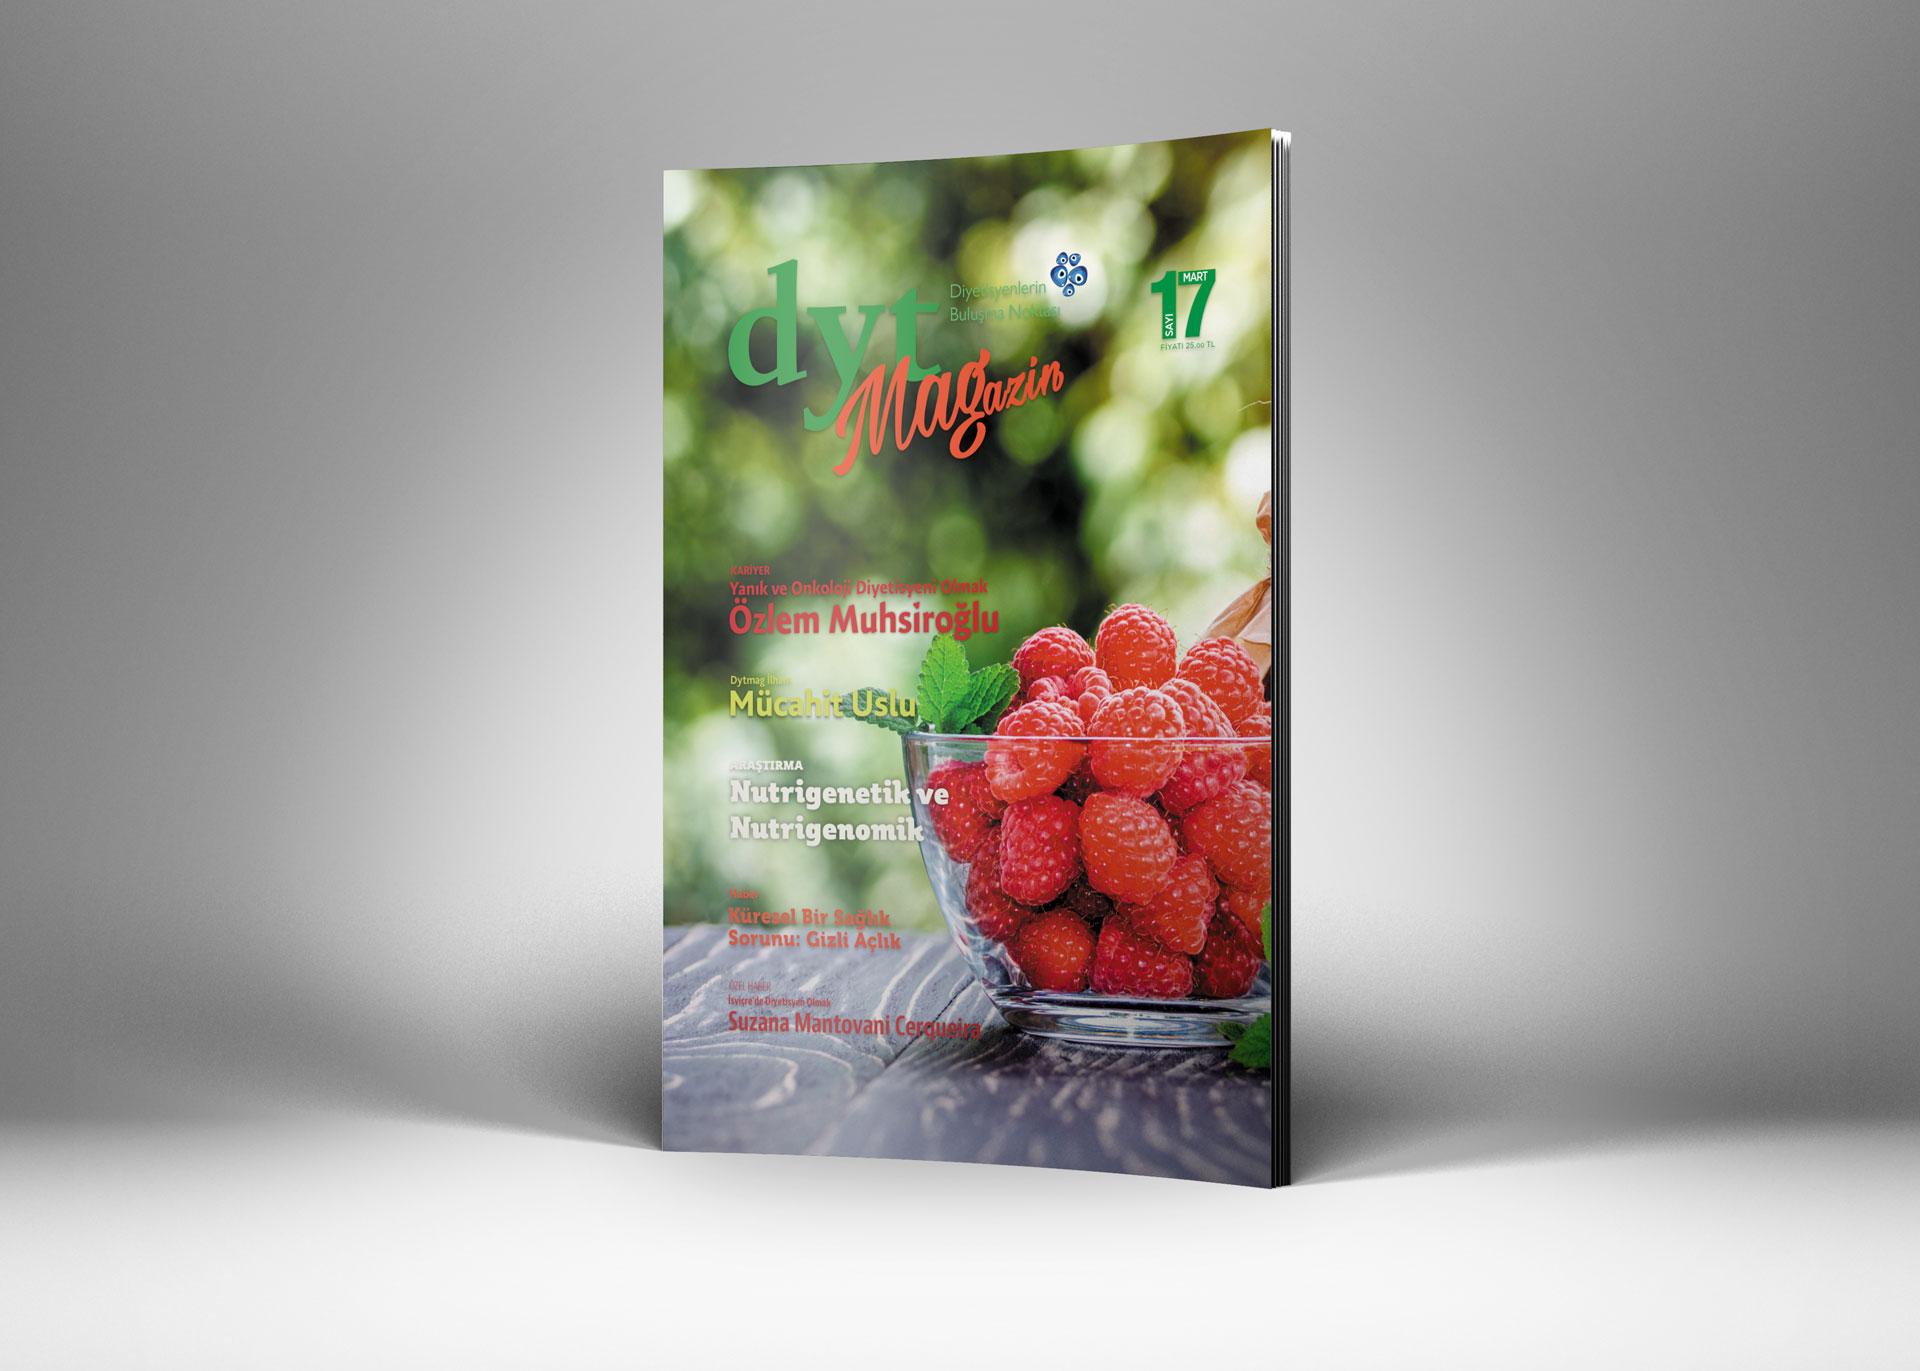 DytMagazin Dergi Tasarımı Sayı 17